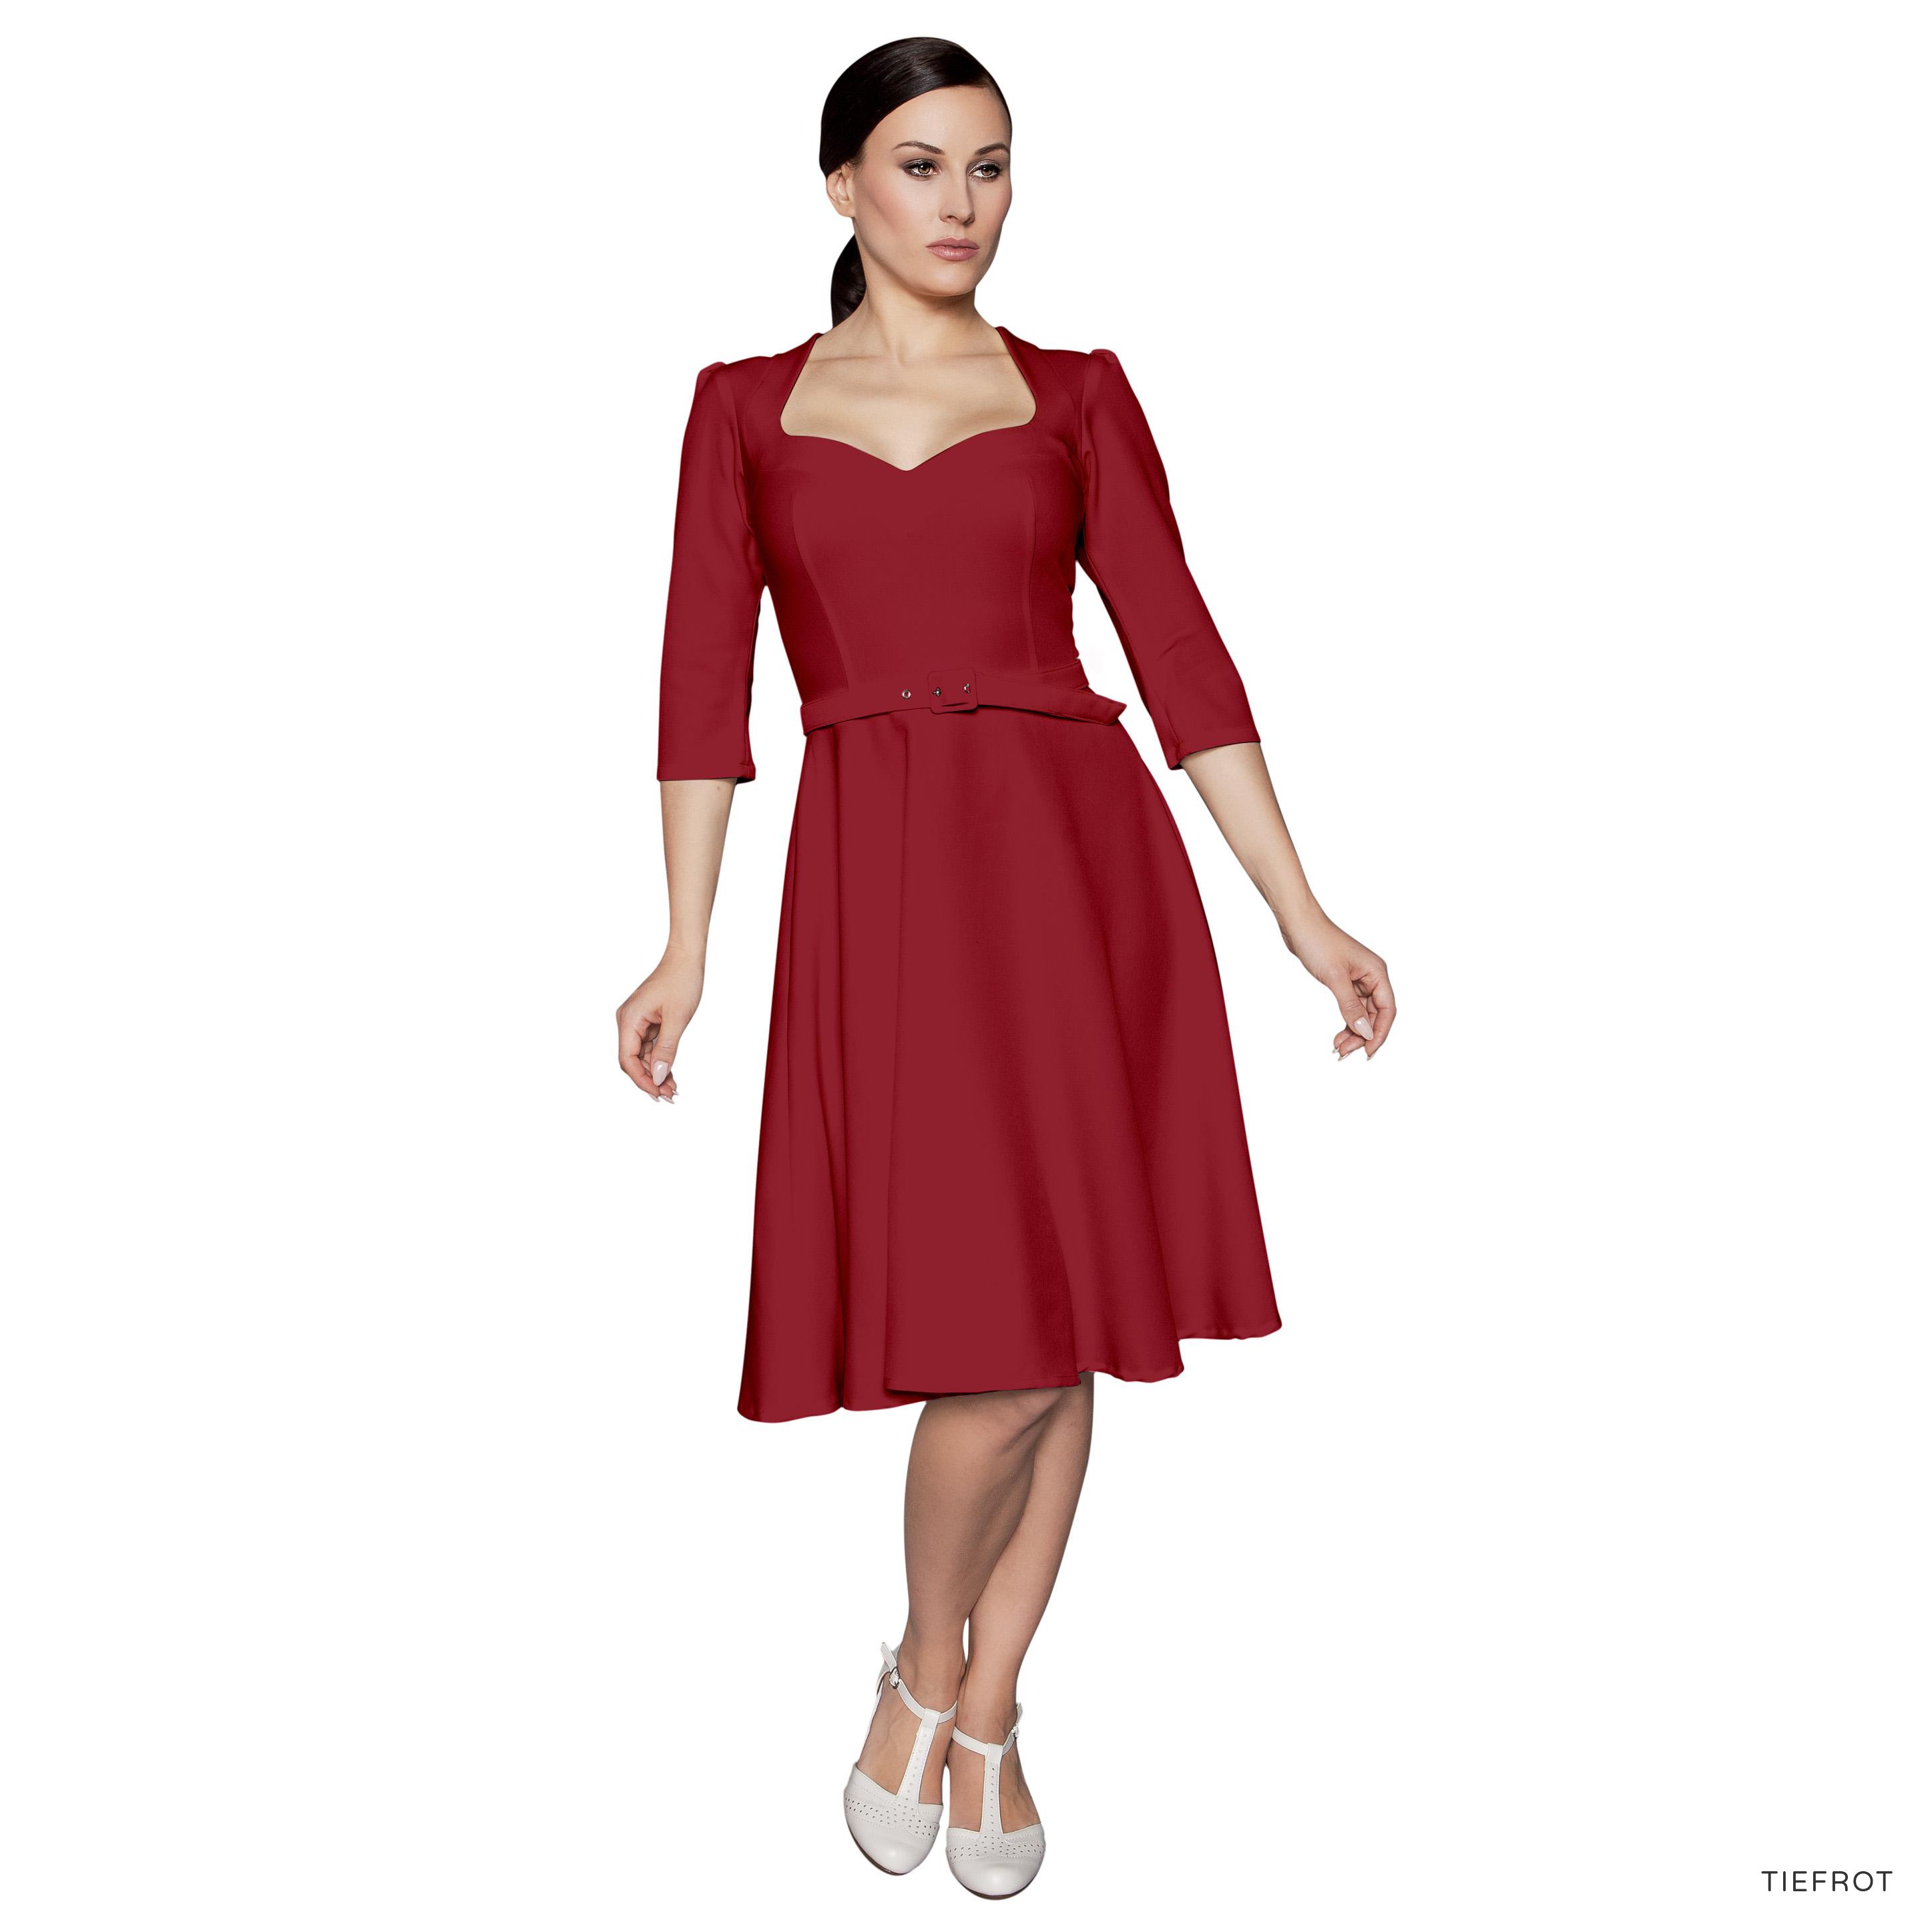 Kleid VALENTINA blau oder rot